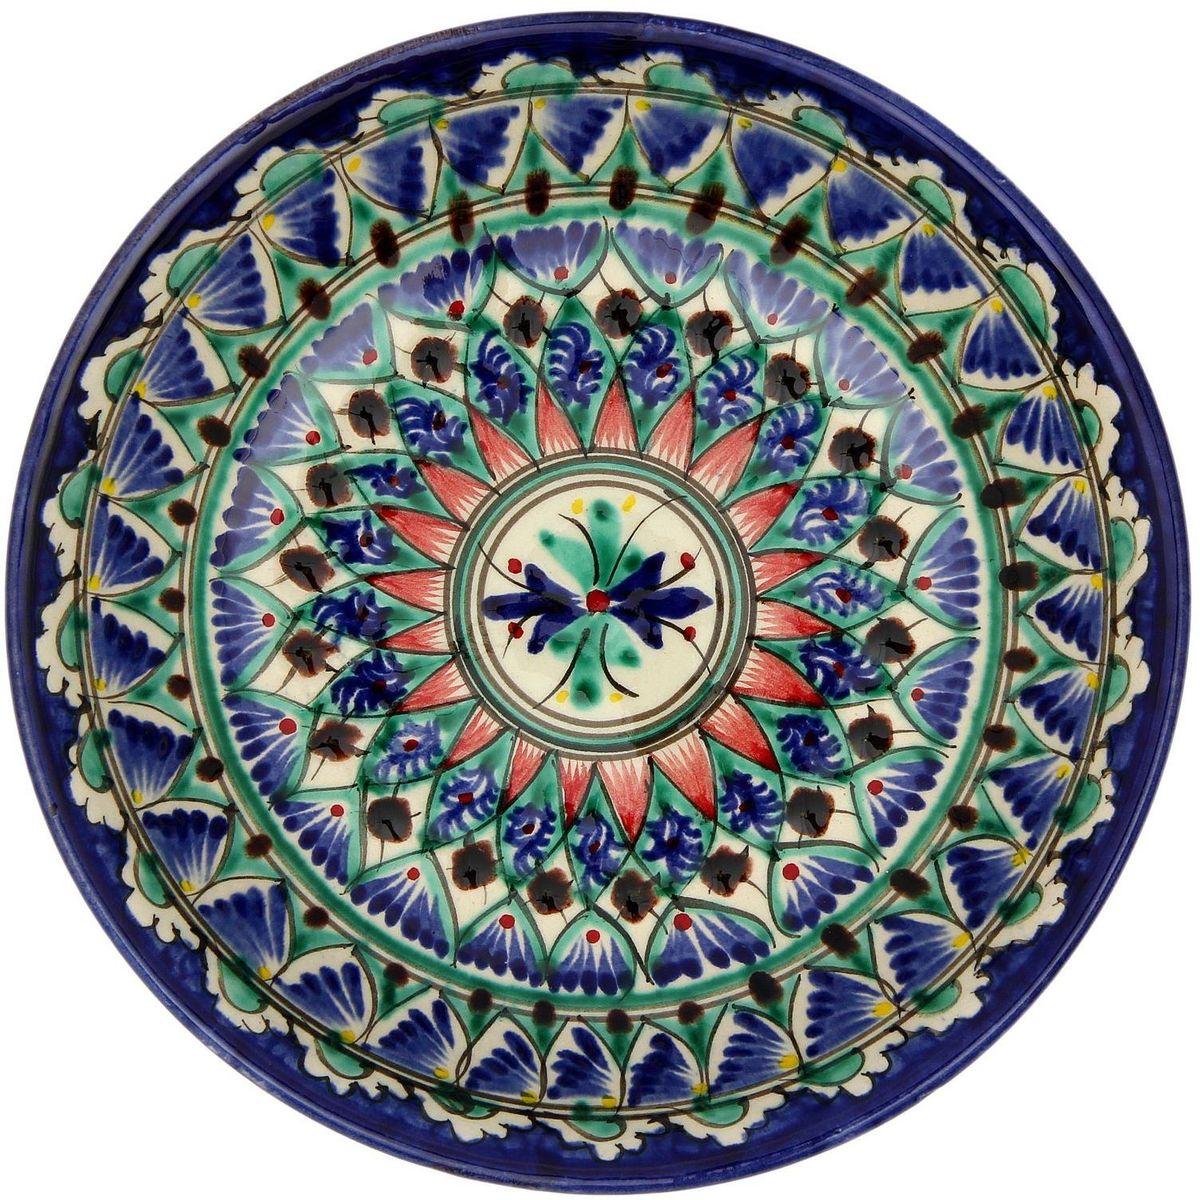 """Узбекская посуда известна всему миру уже более тысячи лет. Ей любовались царские особы, на ней подавали еду шейхам и знатным персонам. Формула глазури передается из поколения в поколение. По сей день качественные изделия продолжают восхищать своей идеальной формой. Тарелка """"Риштанская керамика"""" подойдет для повседневной и праздничной сервировки. Дополните стол текстилем и салфетками в тон, чтобы получить элегантное убранство с яркими акцентами. Диаметр: 19 см."""